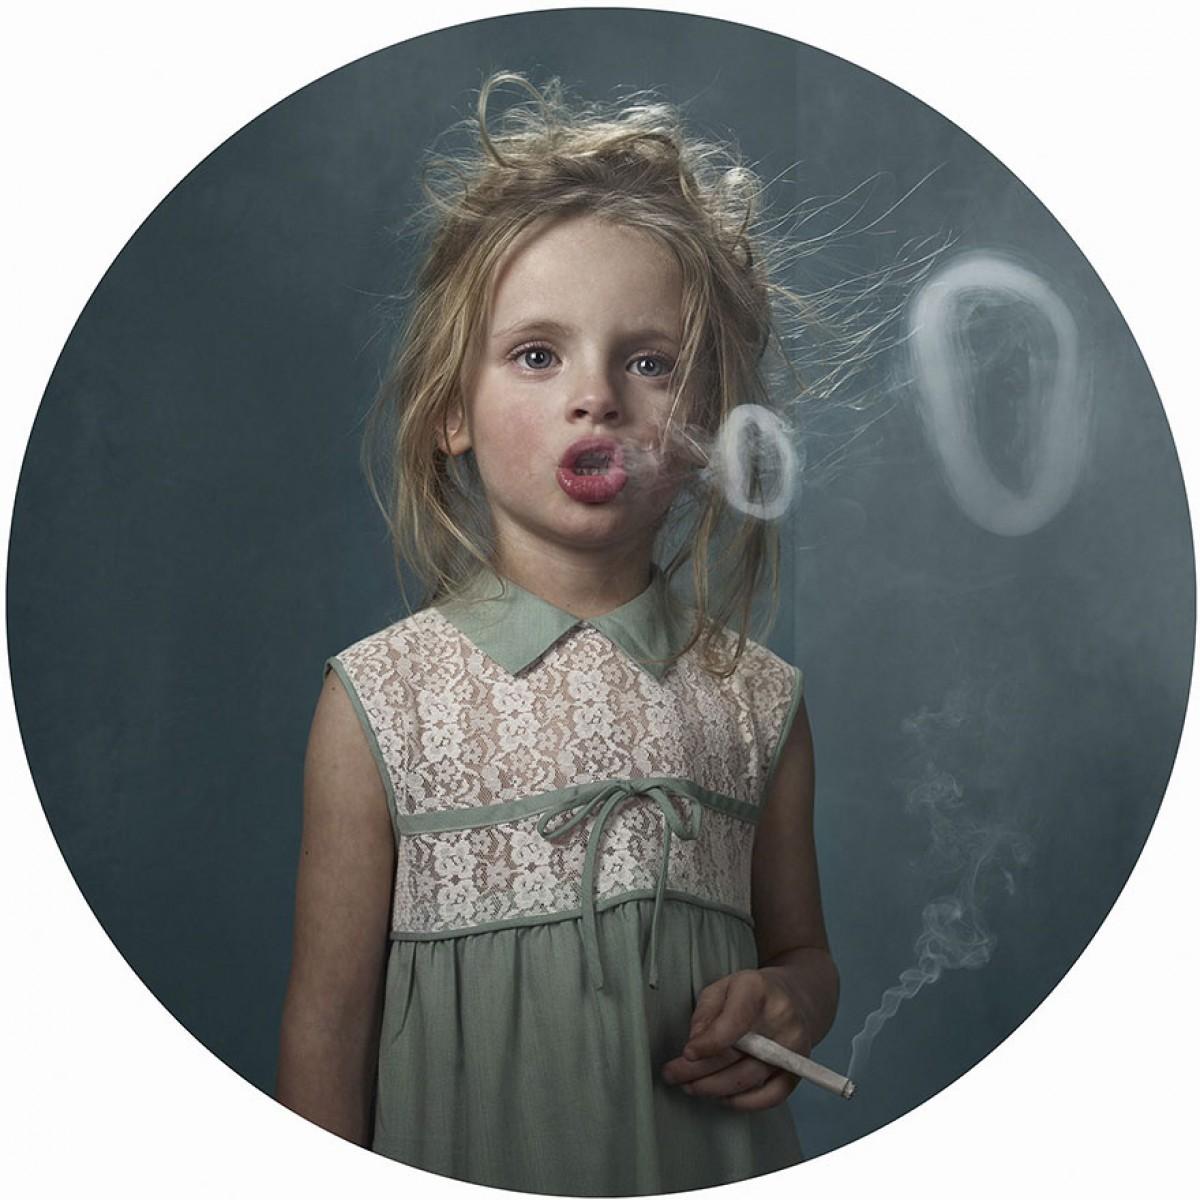 Τα παιδία… καπνίζει!